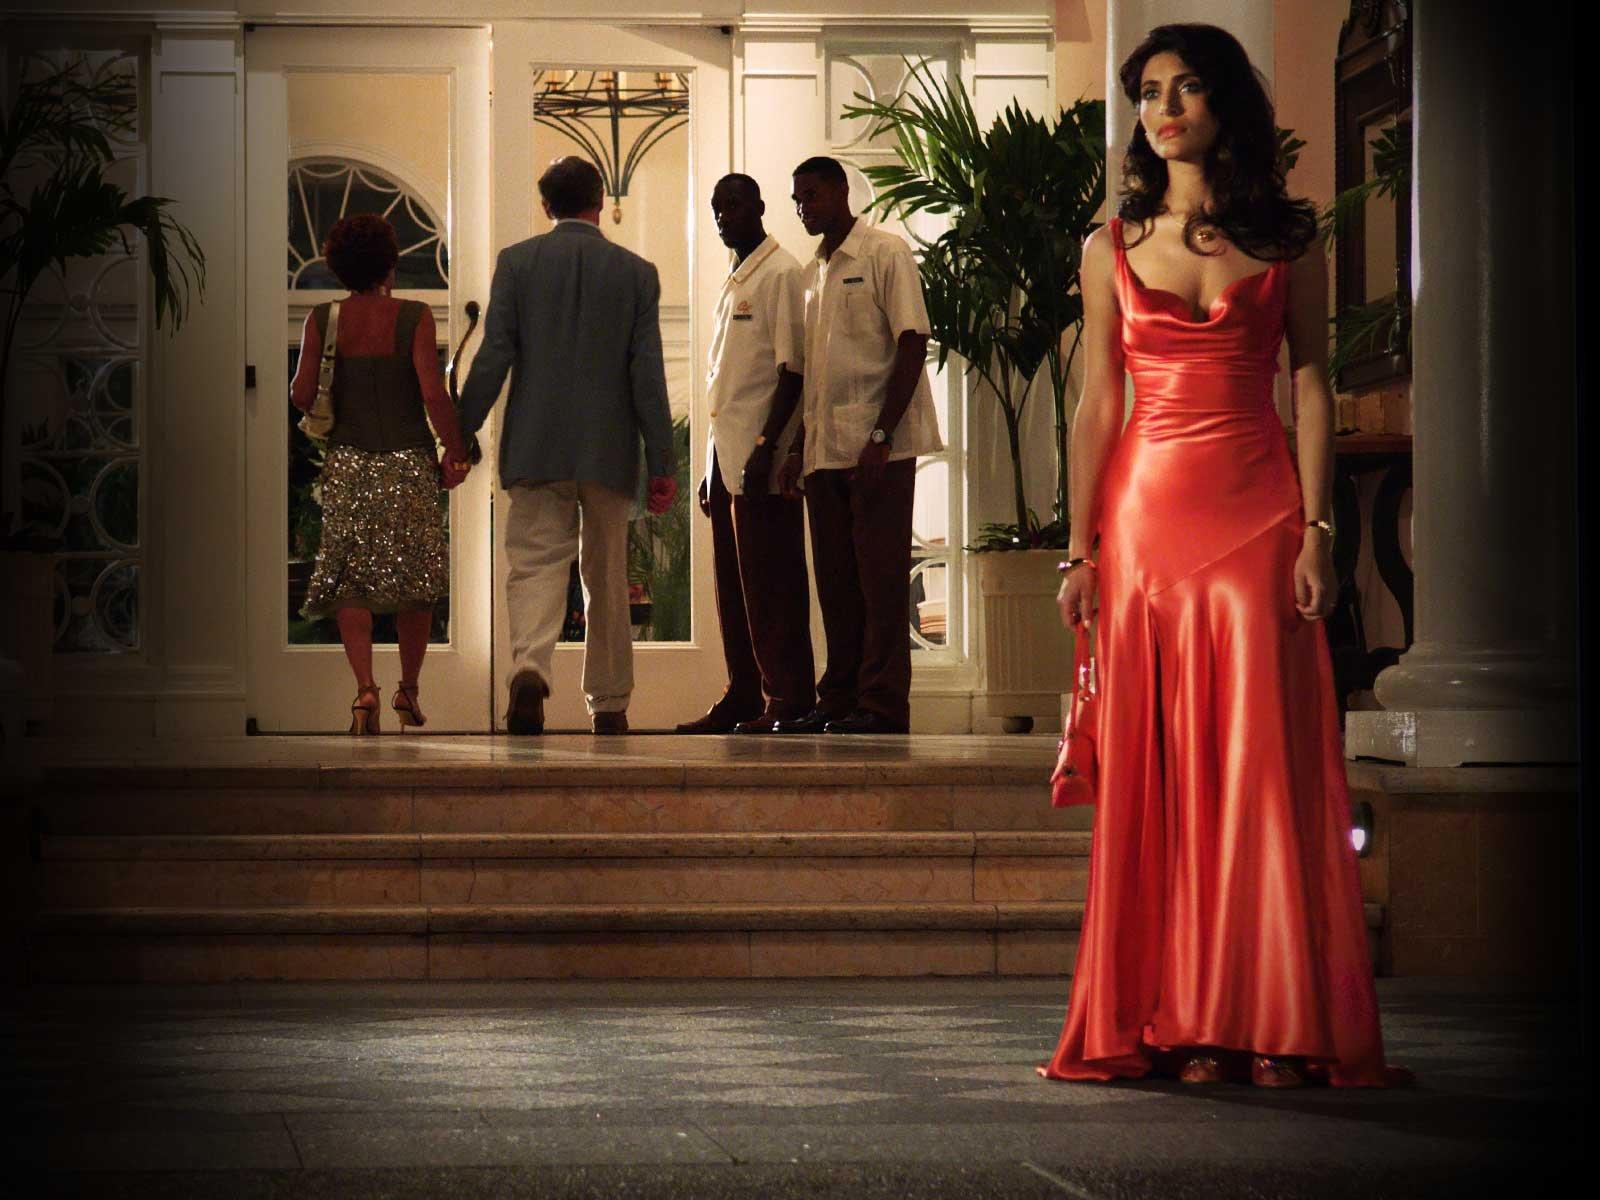 Caterina murino в червоній сукні у фільмі Казино Рояль Дивитися фільм онлайн казино